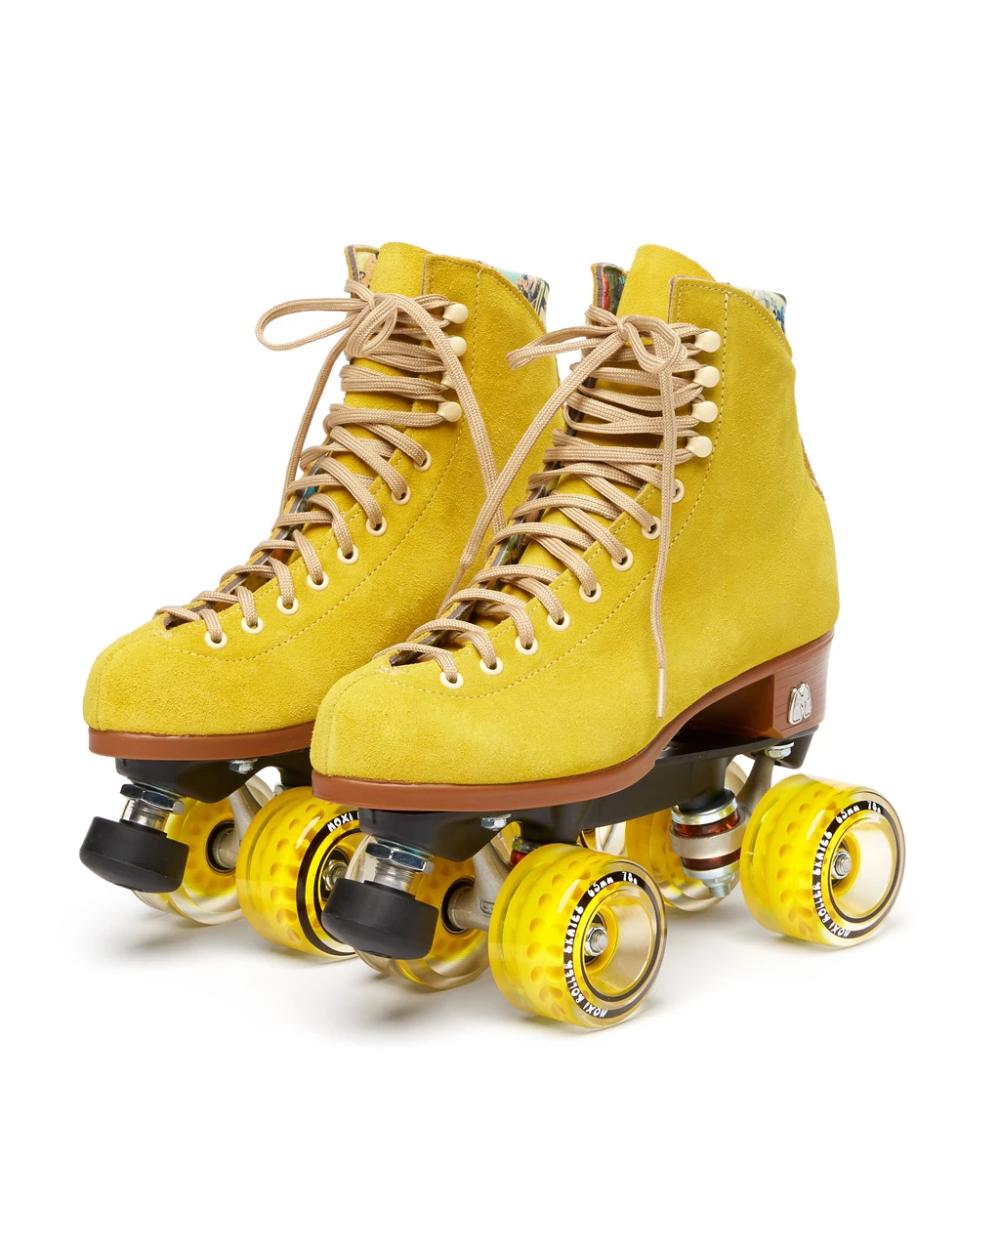 Lolly Roller Skates Pineapple Retro Roller Skates Roller Skates Vintage Roller Skate Shoes